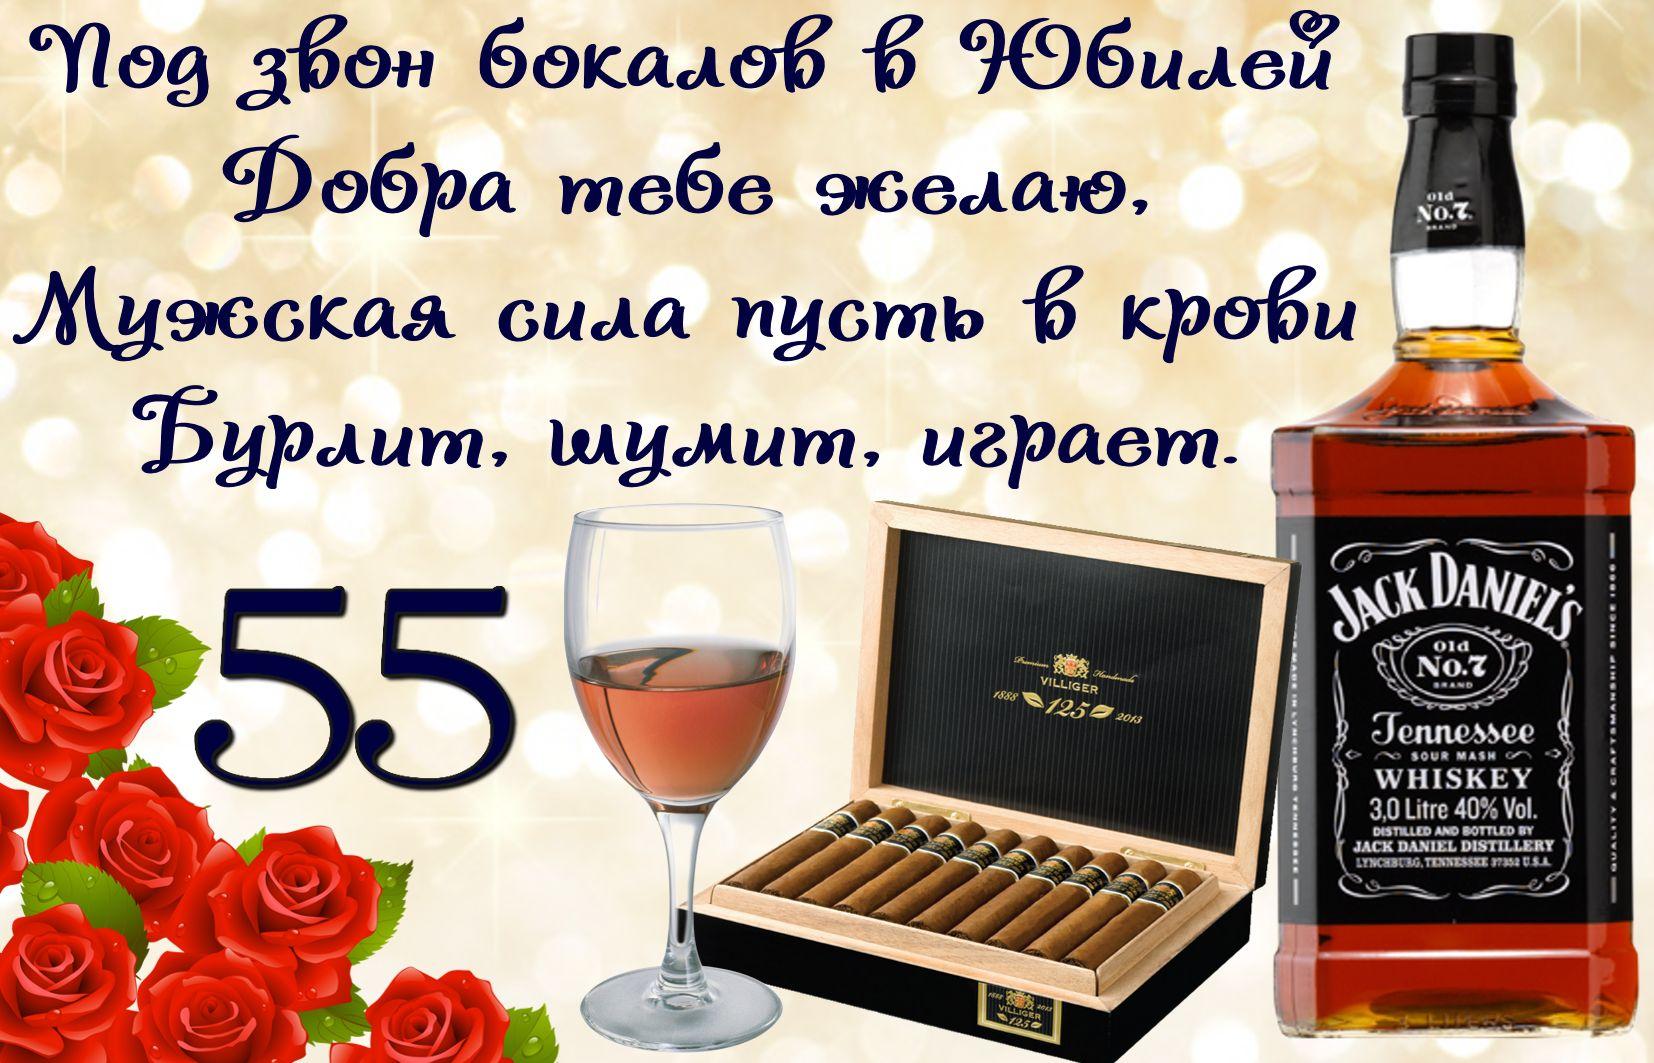 Открытка на юбилей 55 лет - сигары в коробке и хорошее виски для мужчины